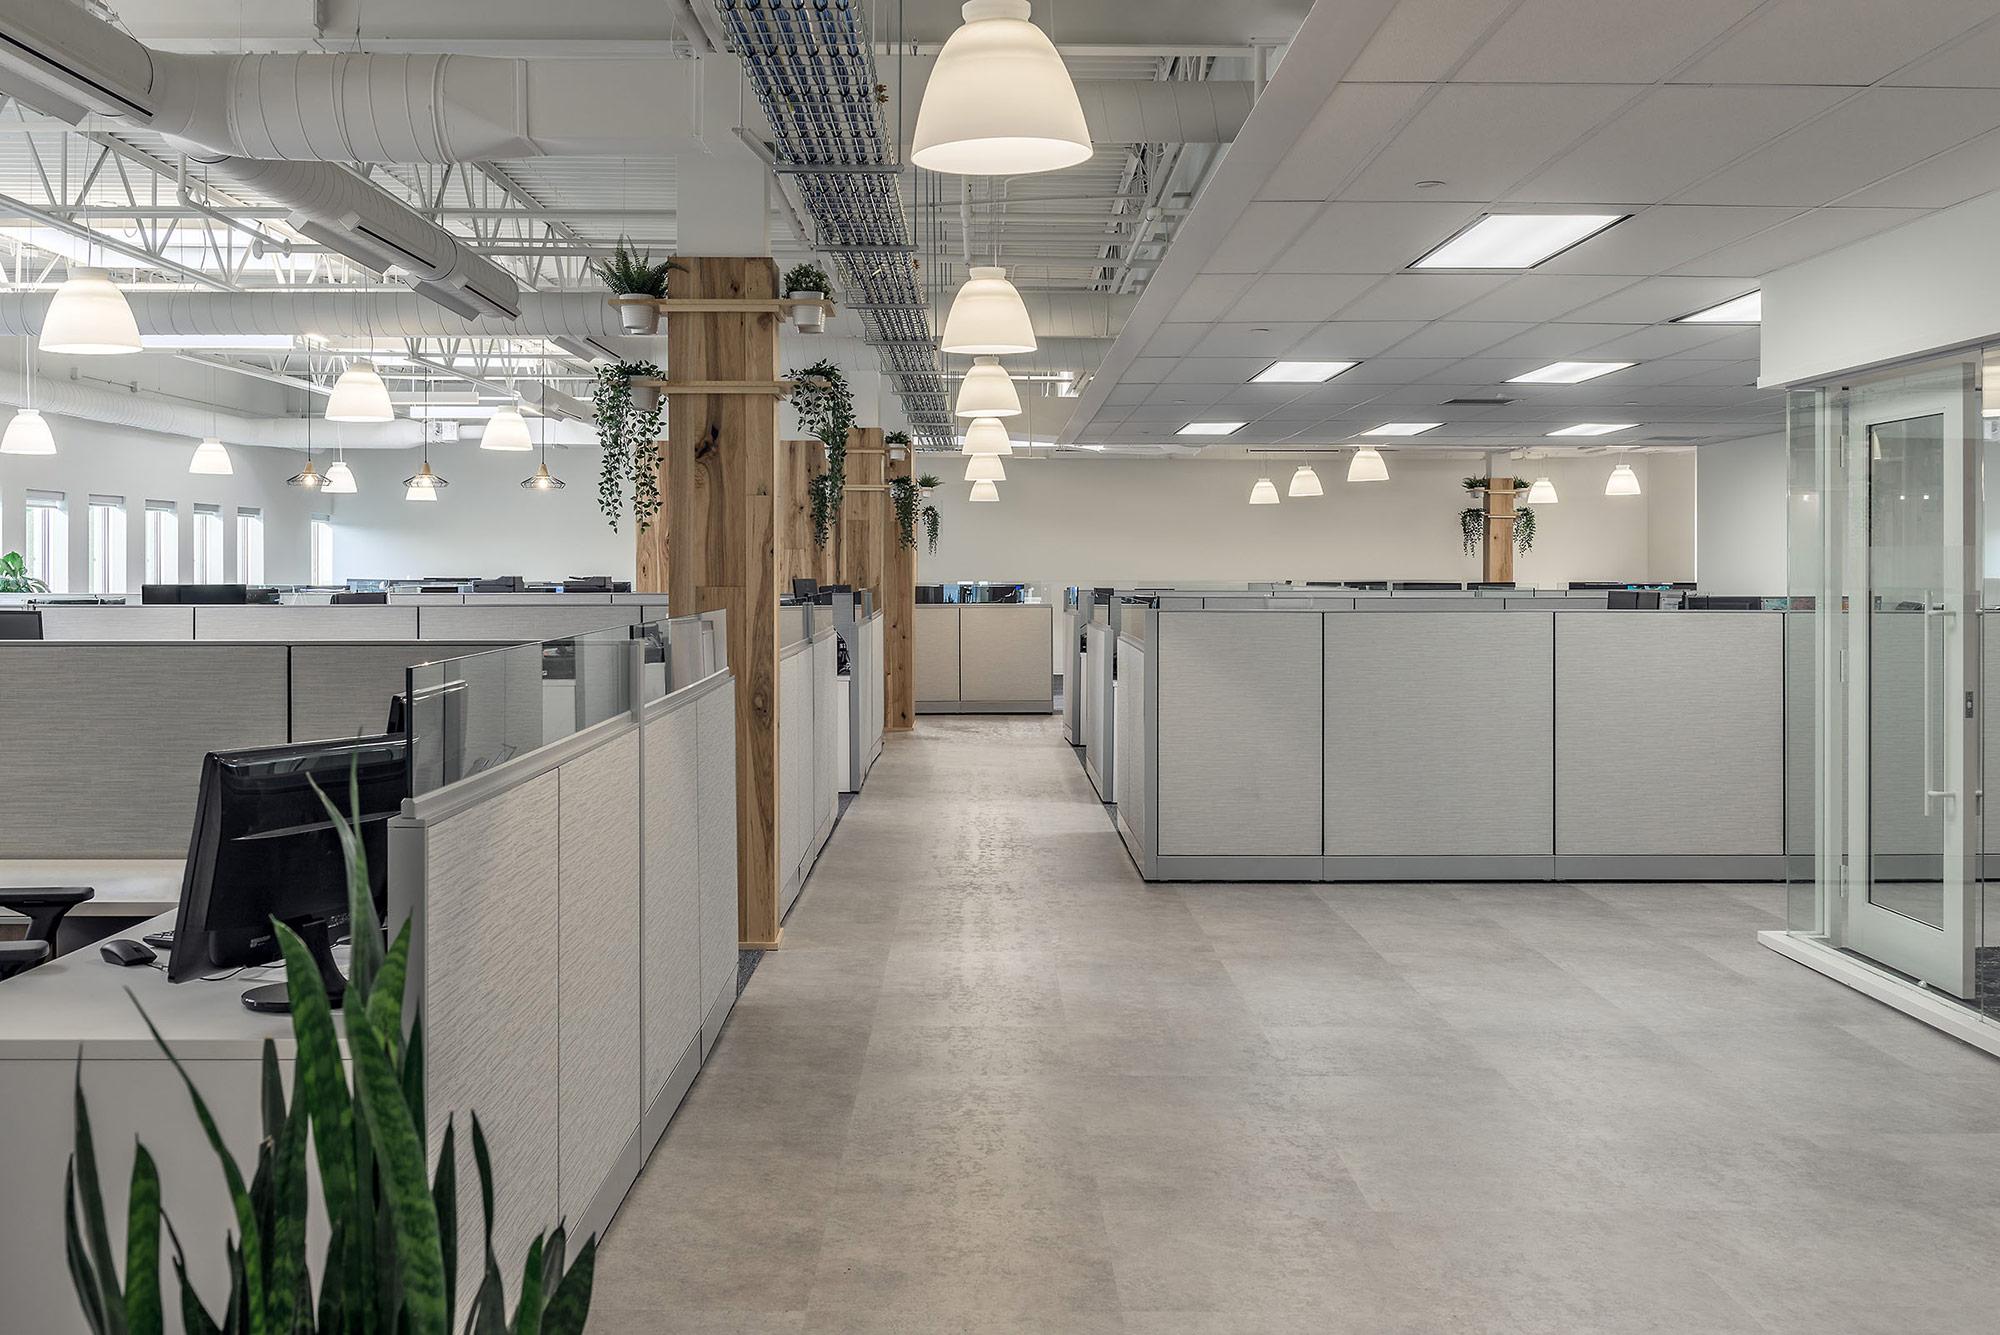 halifax-interior-design-financial-office-workspace-plants.jpg